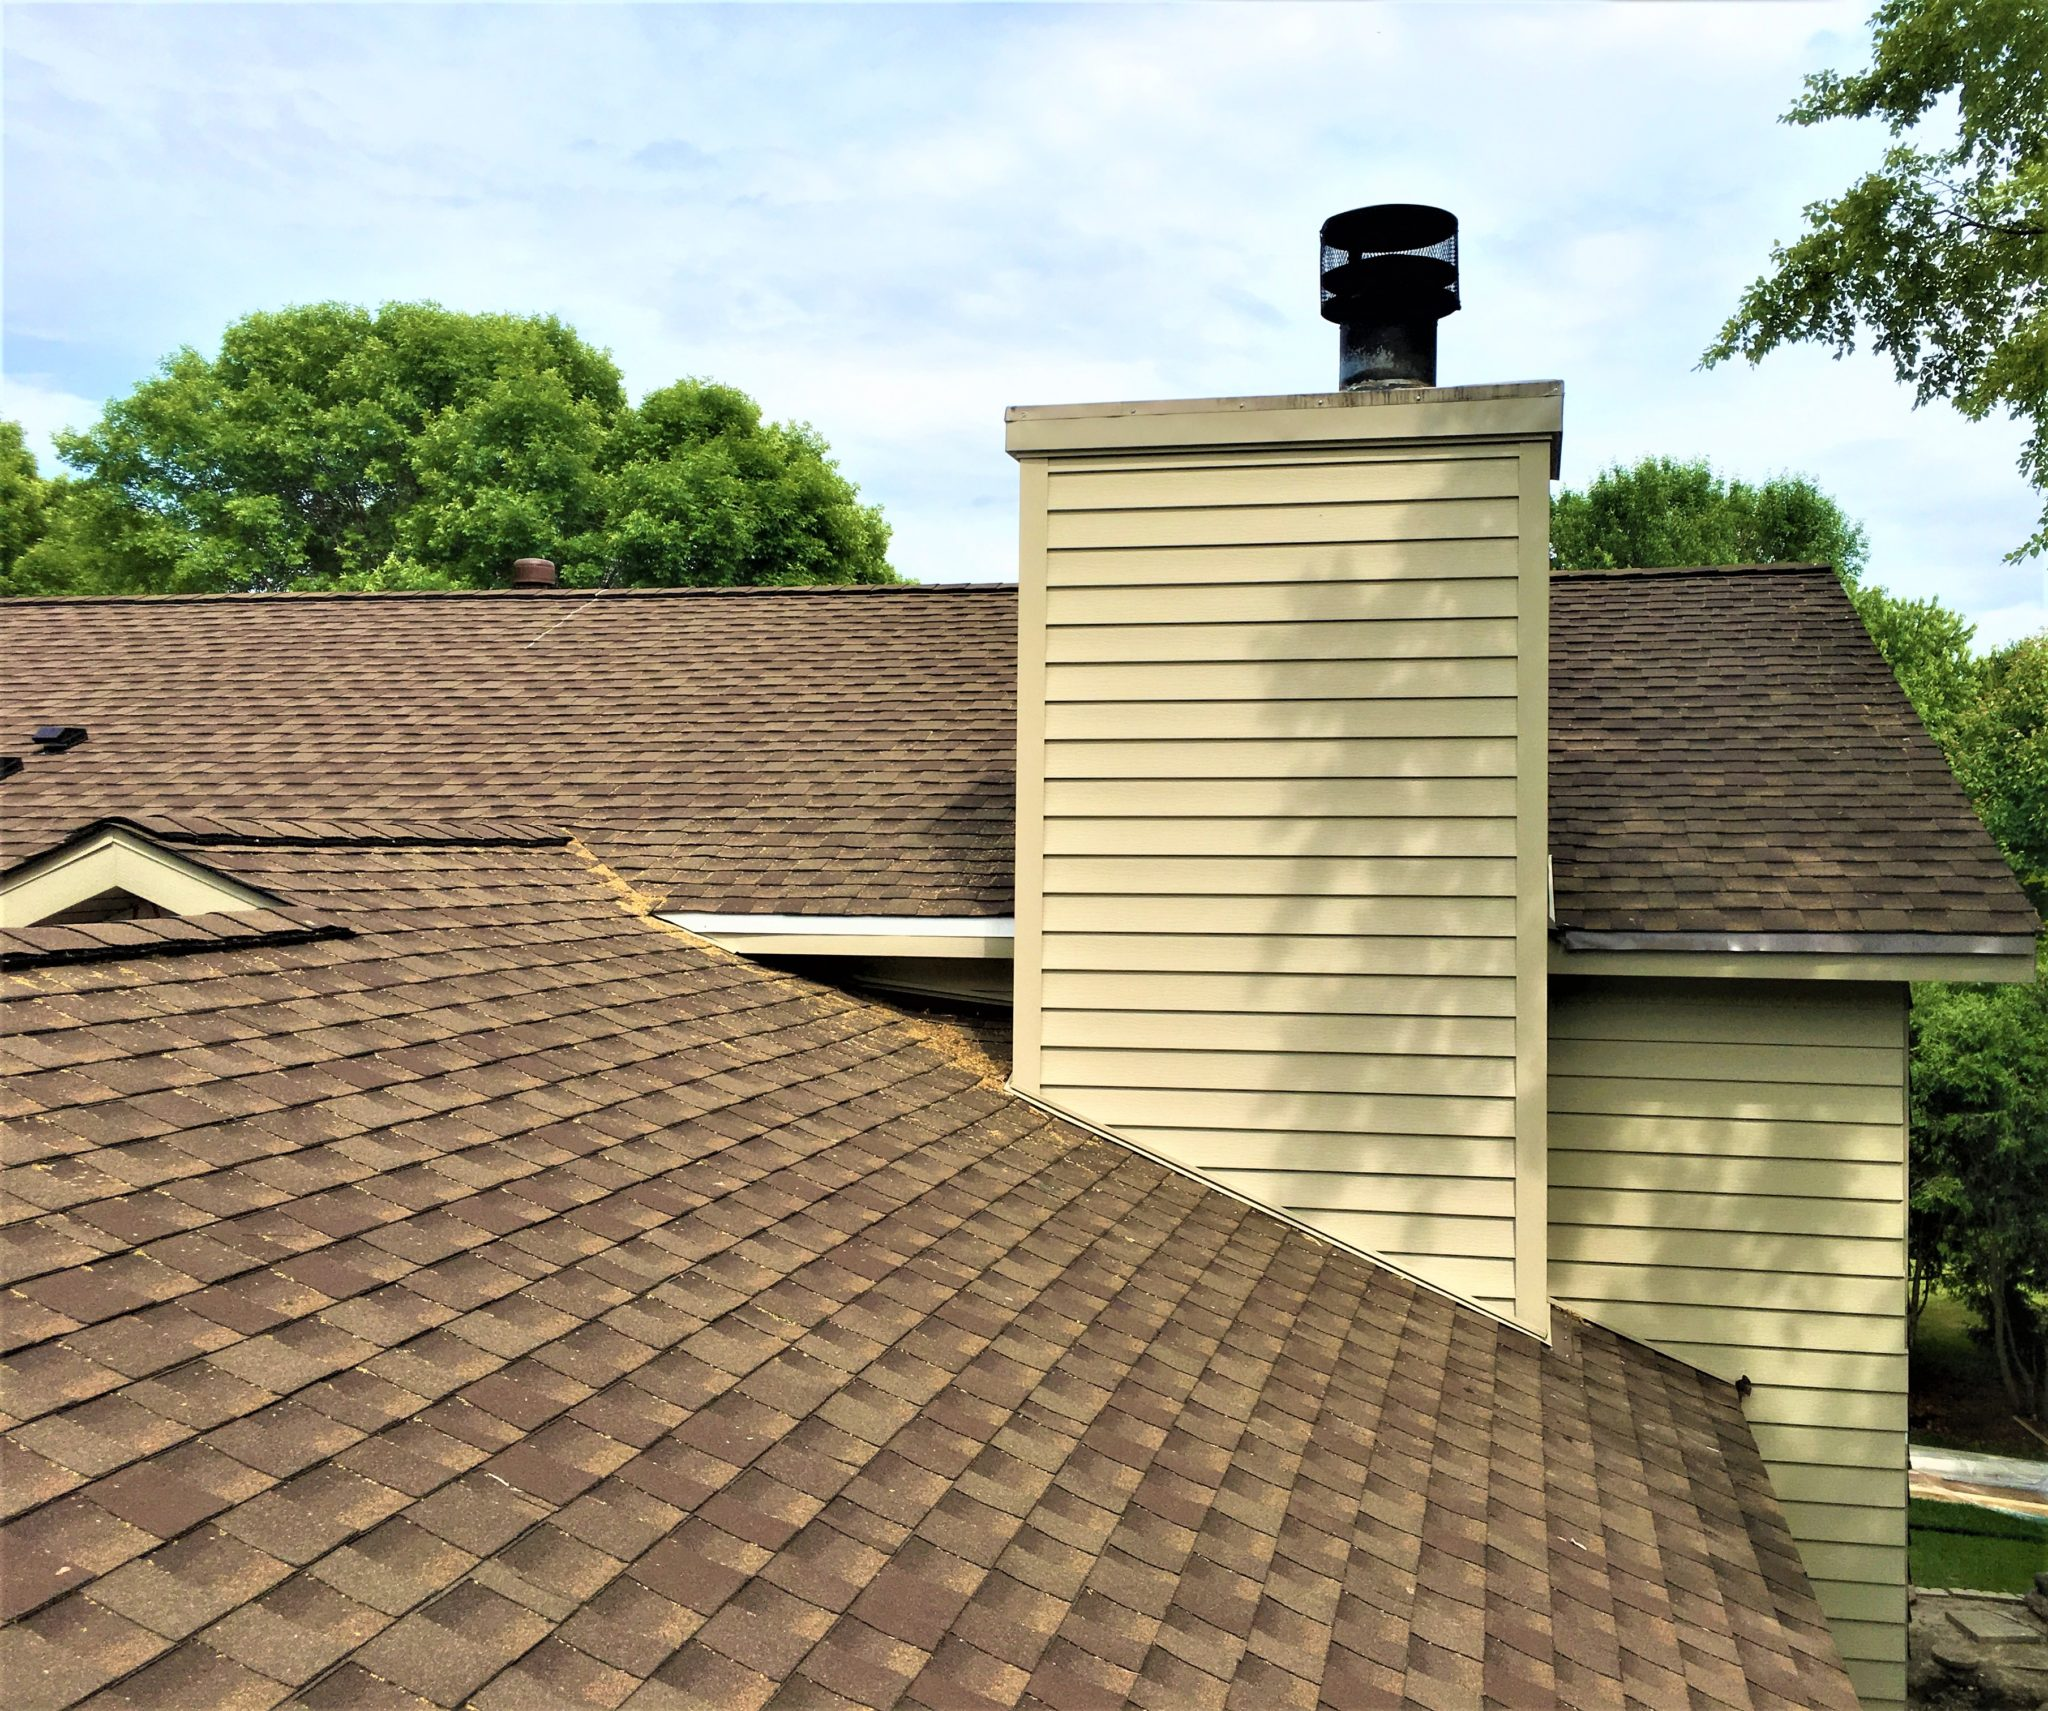 Gaf Timberline roof